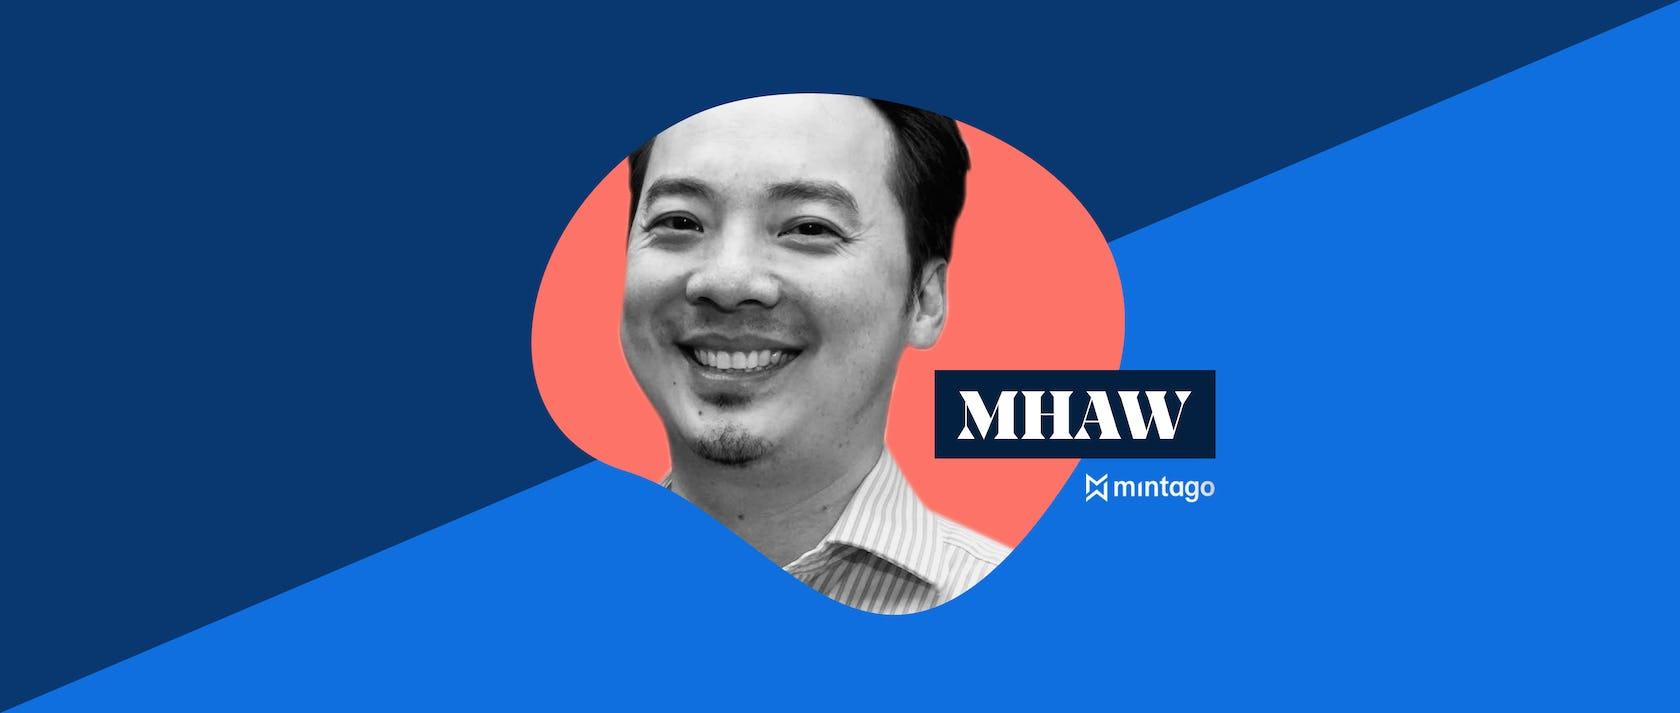 MHAW: Mintago Q&A — financial wellbeing